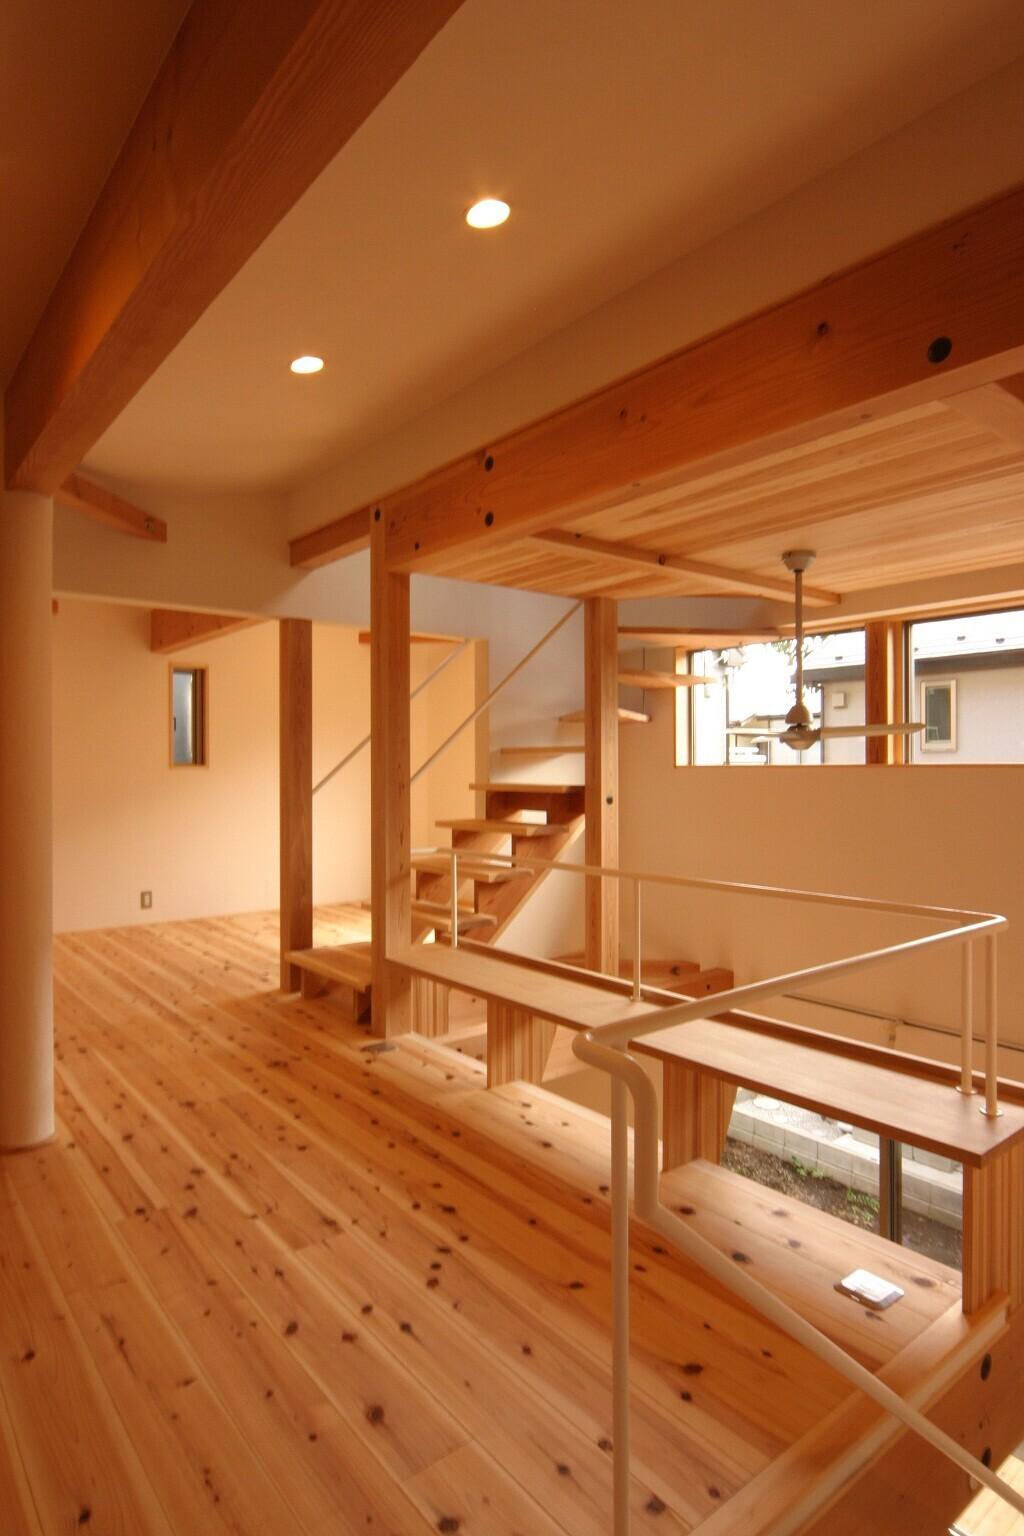 遊び心あふれる、大きな吹抜空間のある自然素材住宅の建築事例写真